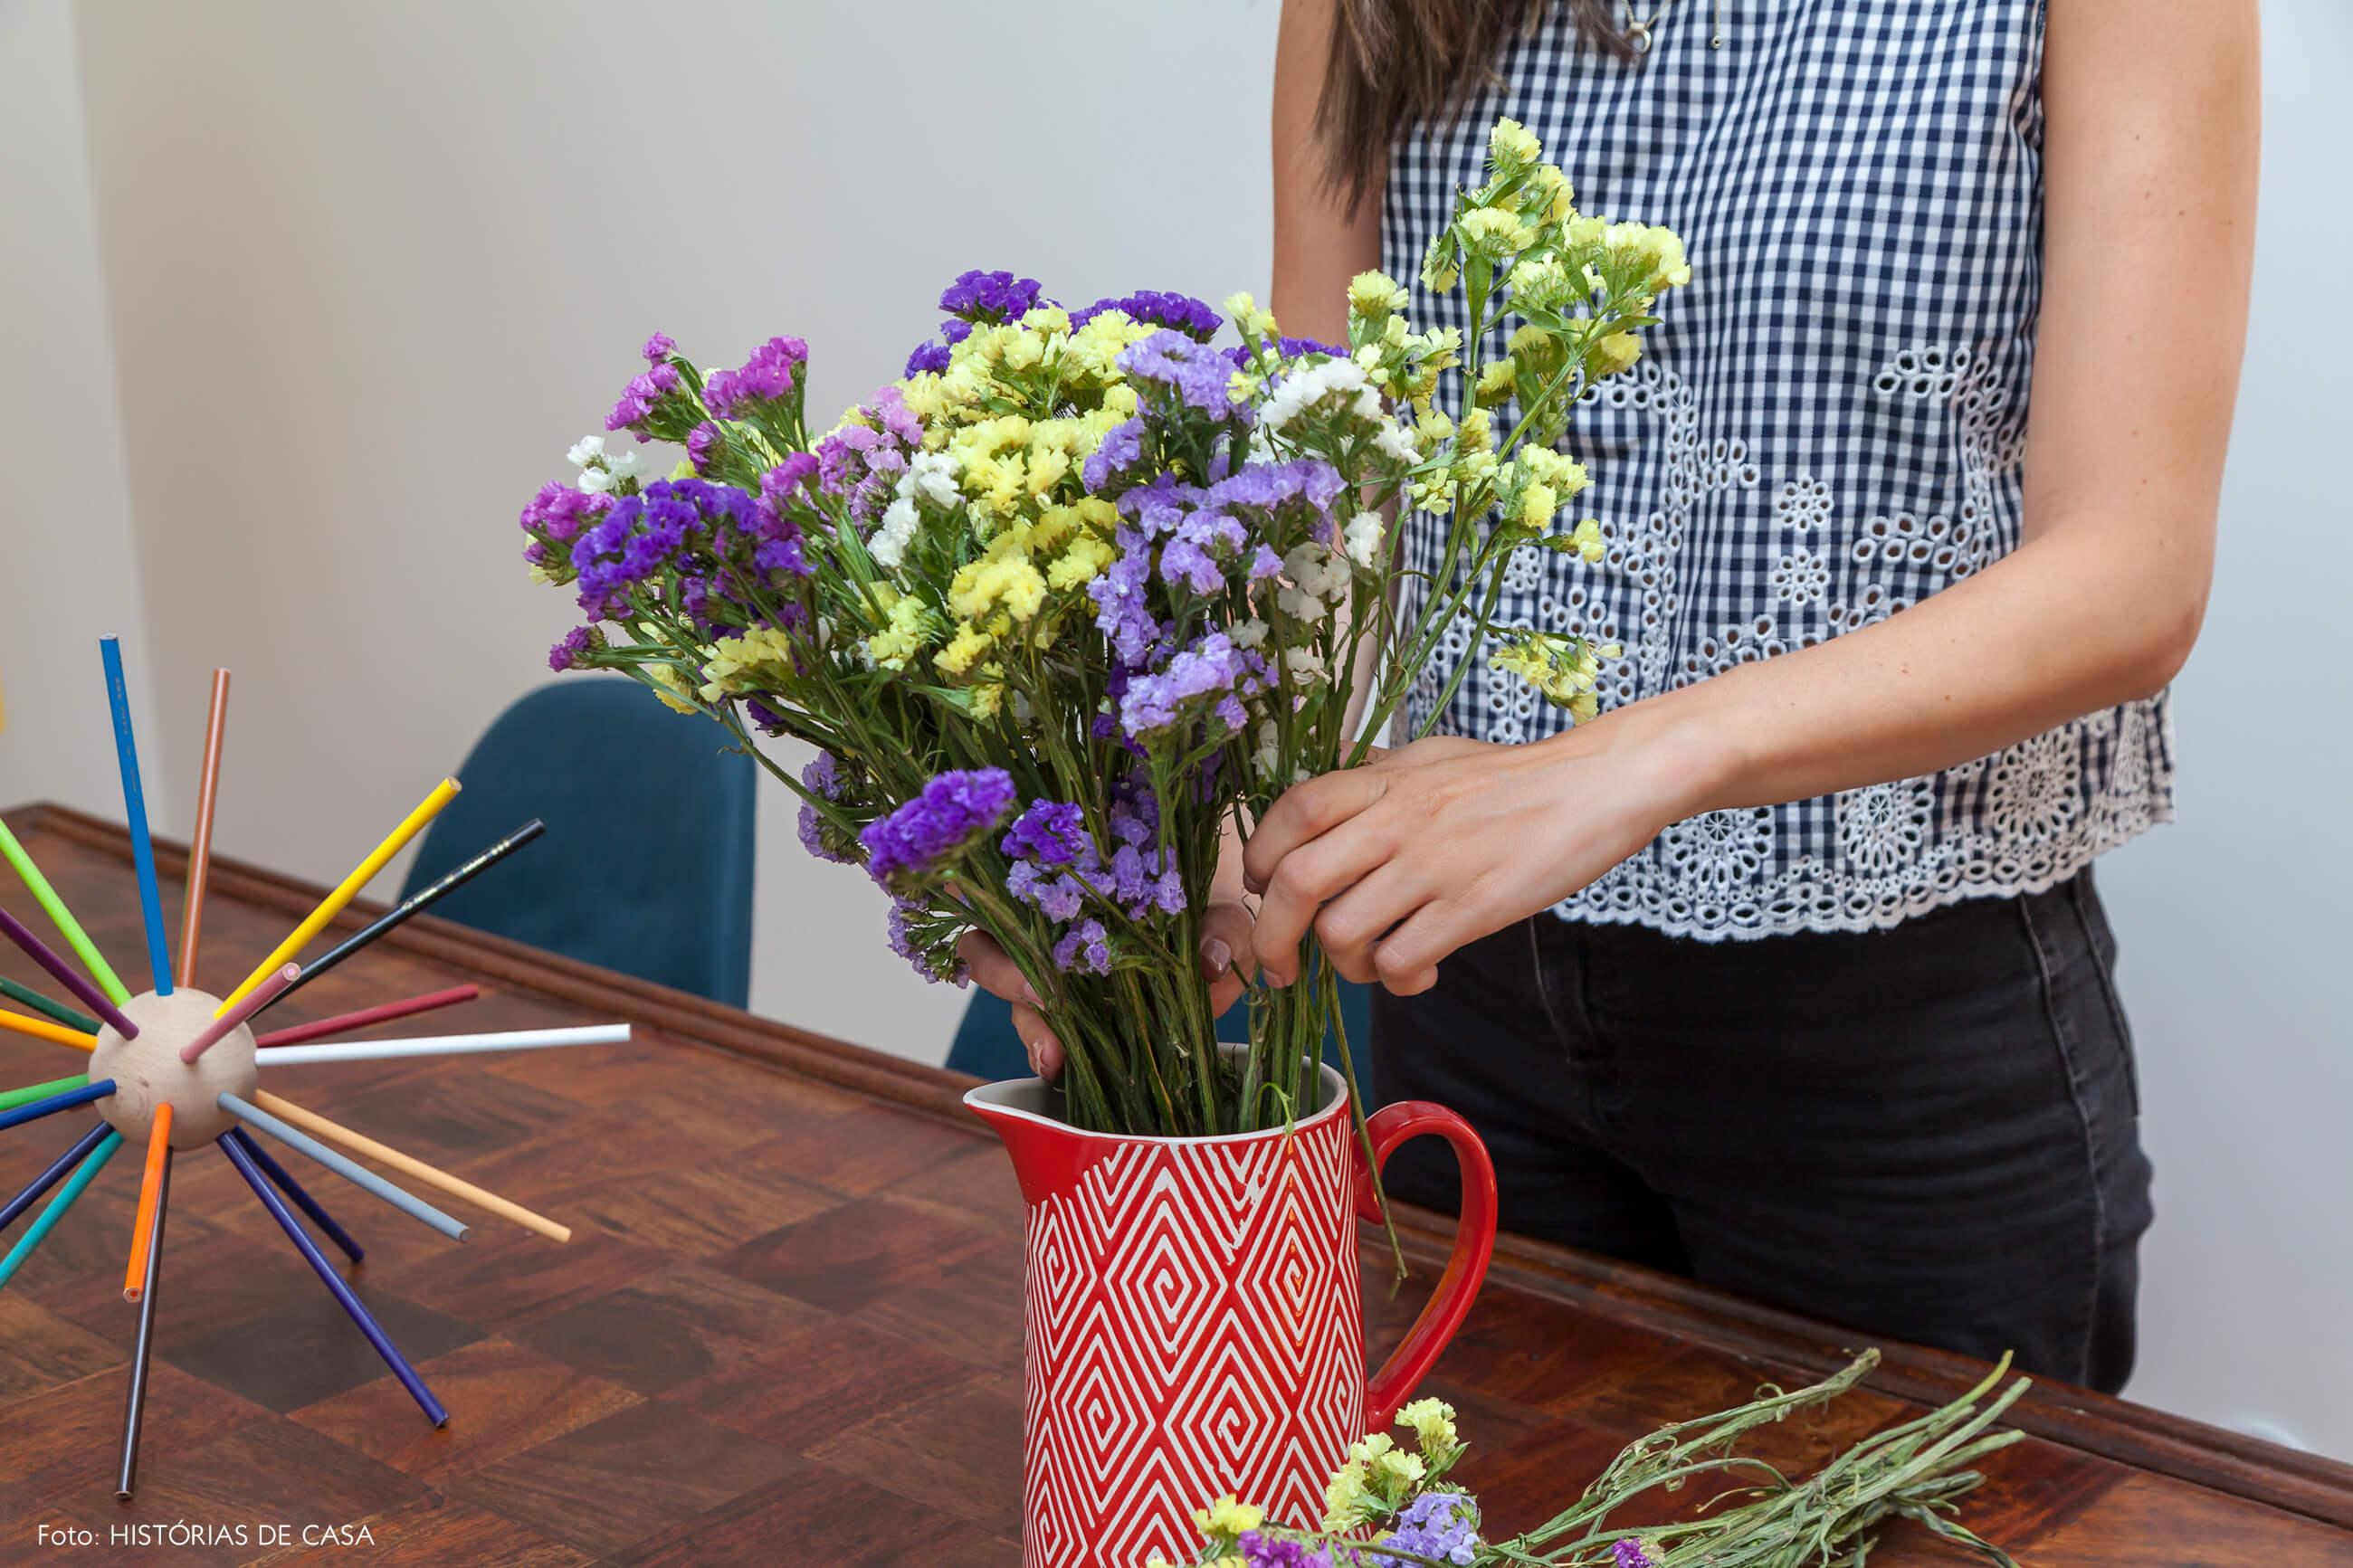 Arranjo de flores em vaso de cerâmica